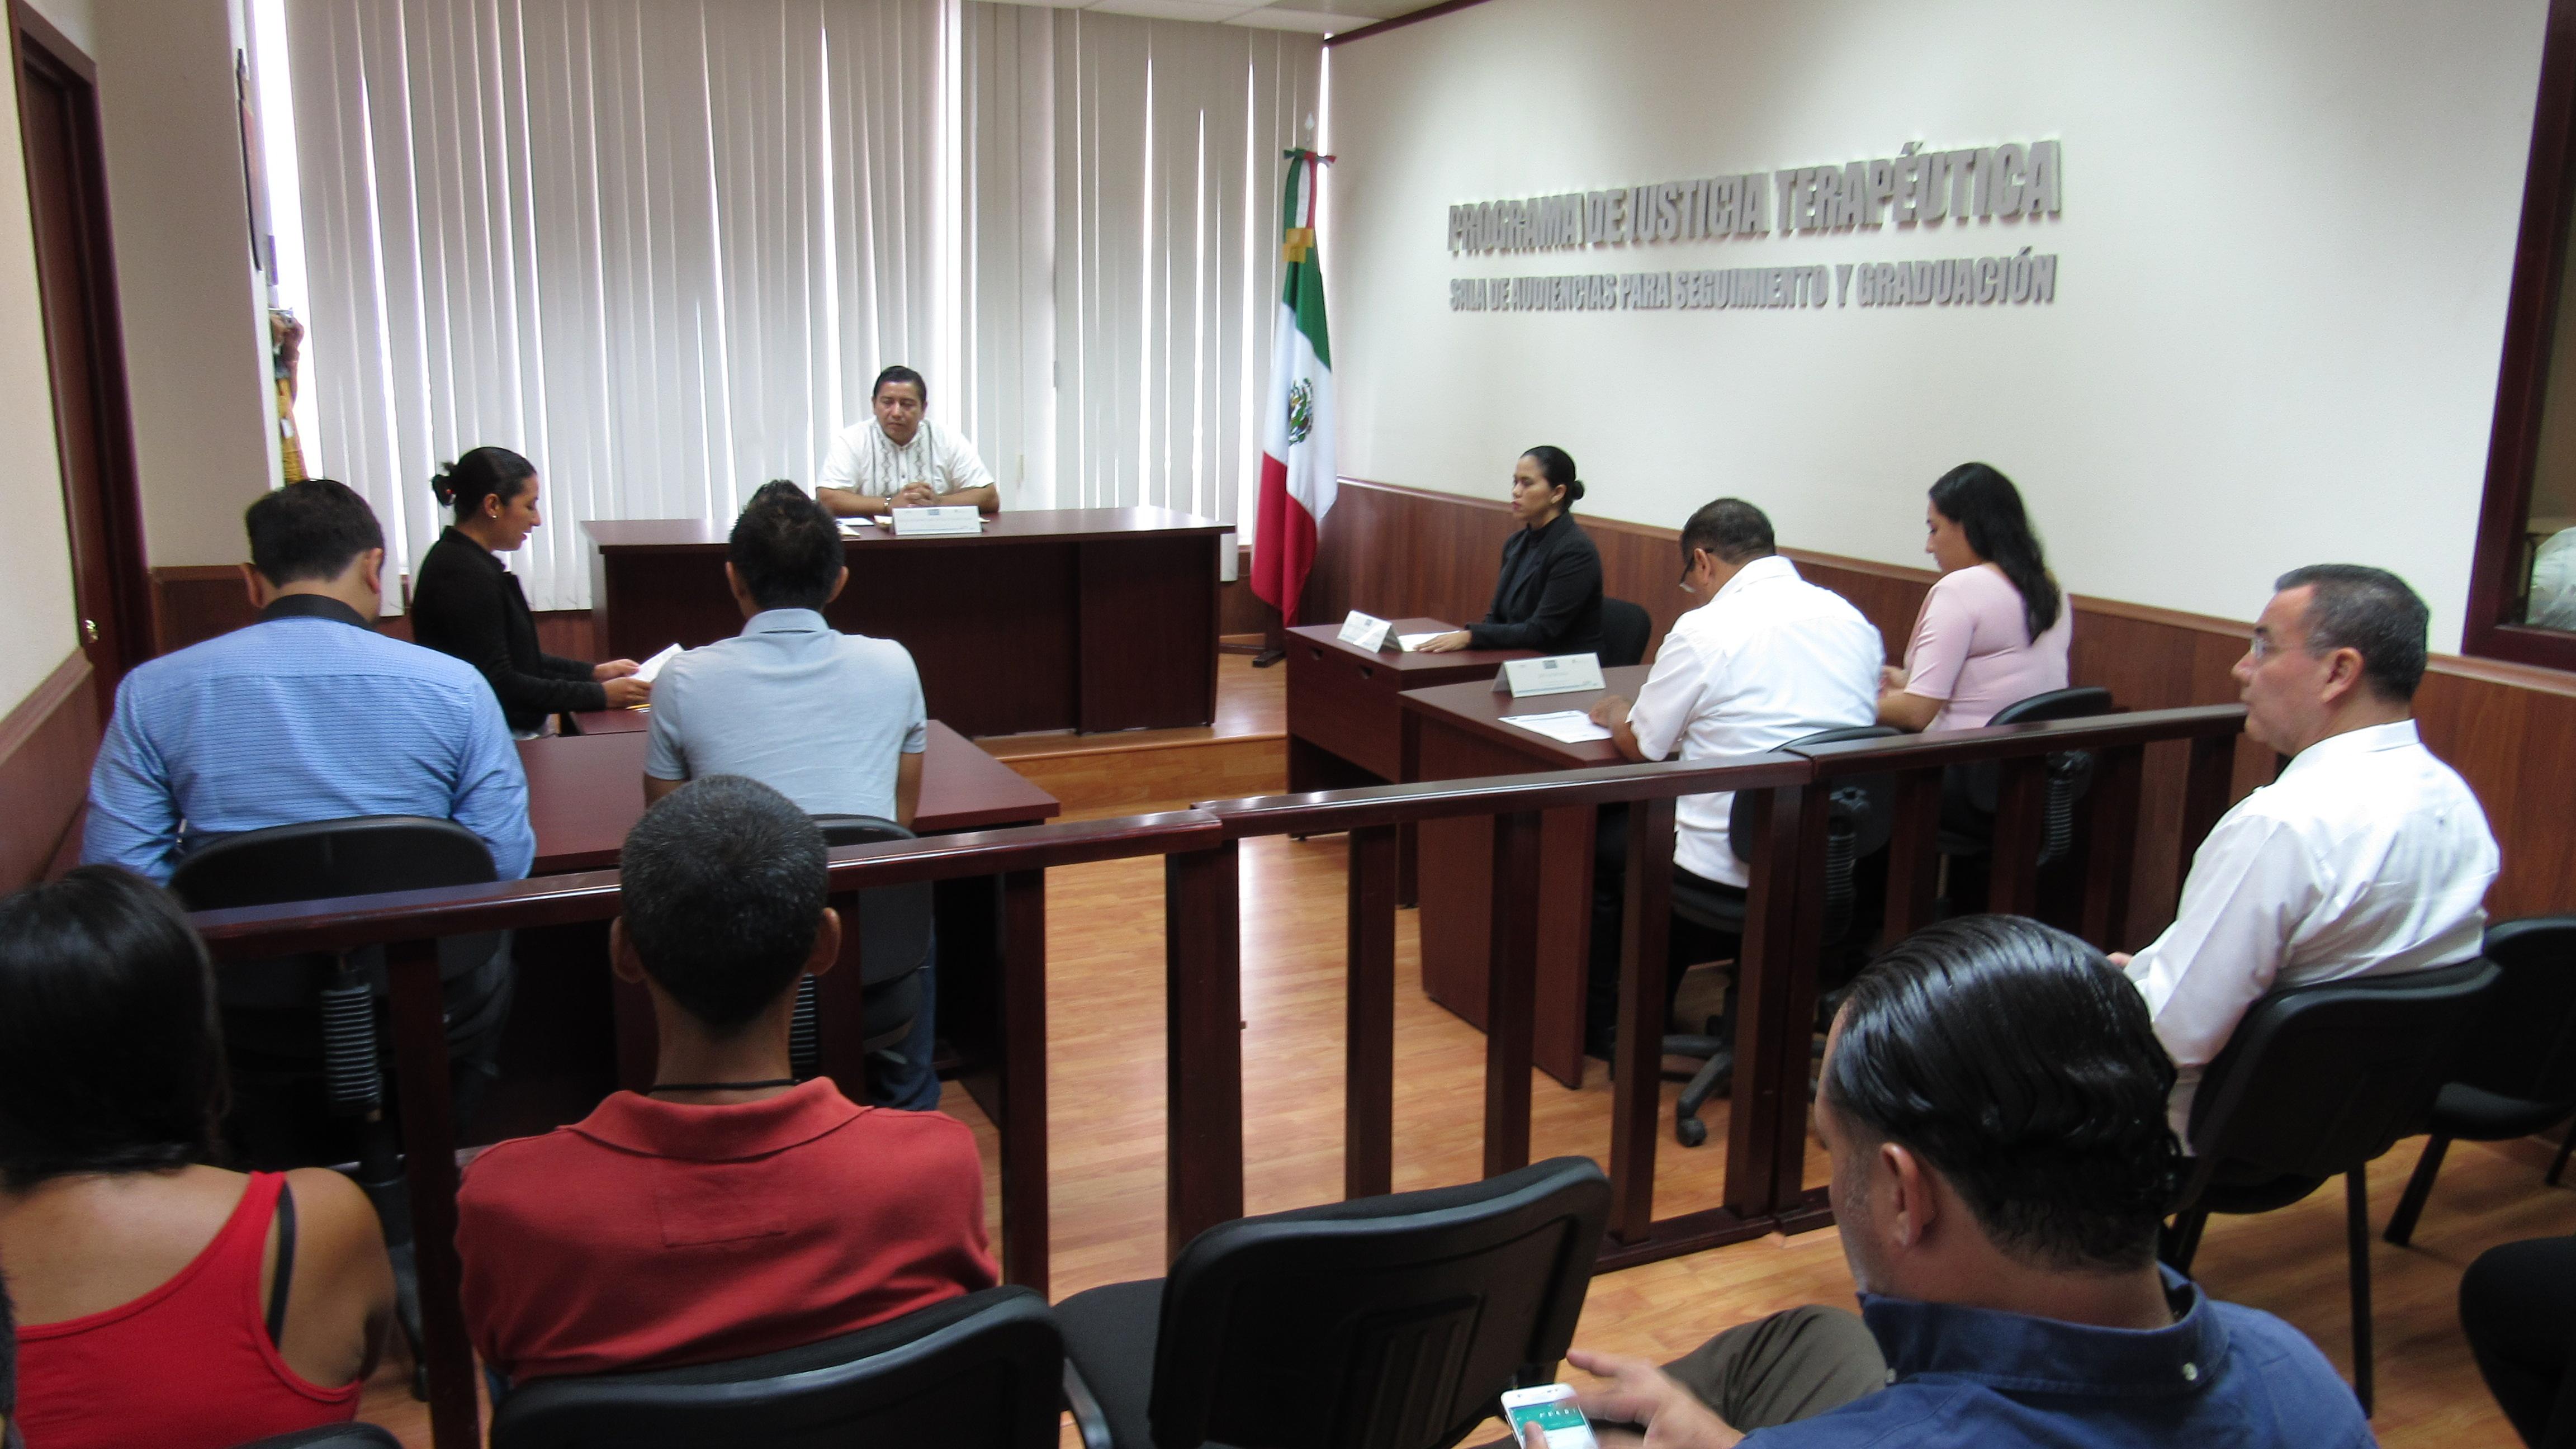 Celebra Chiapas primera audiencia con el modelo de justicia terapéutica